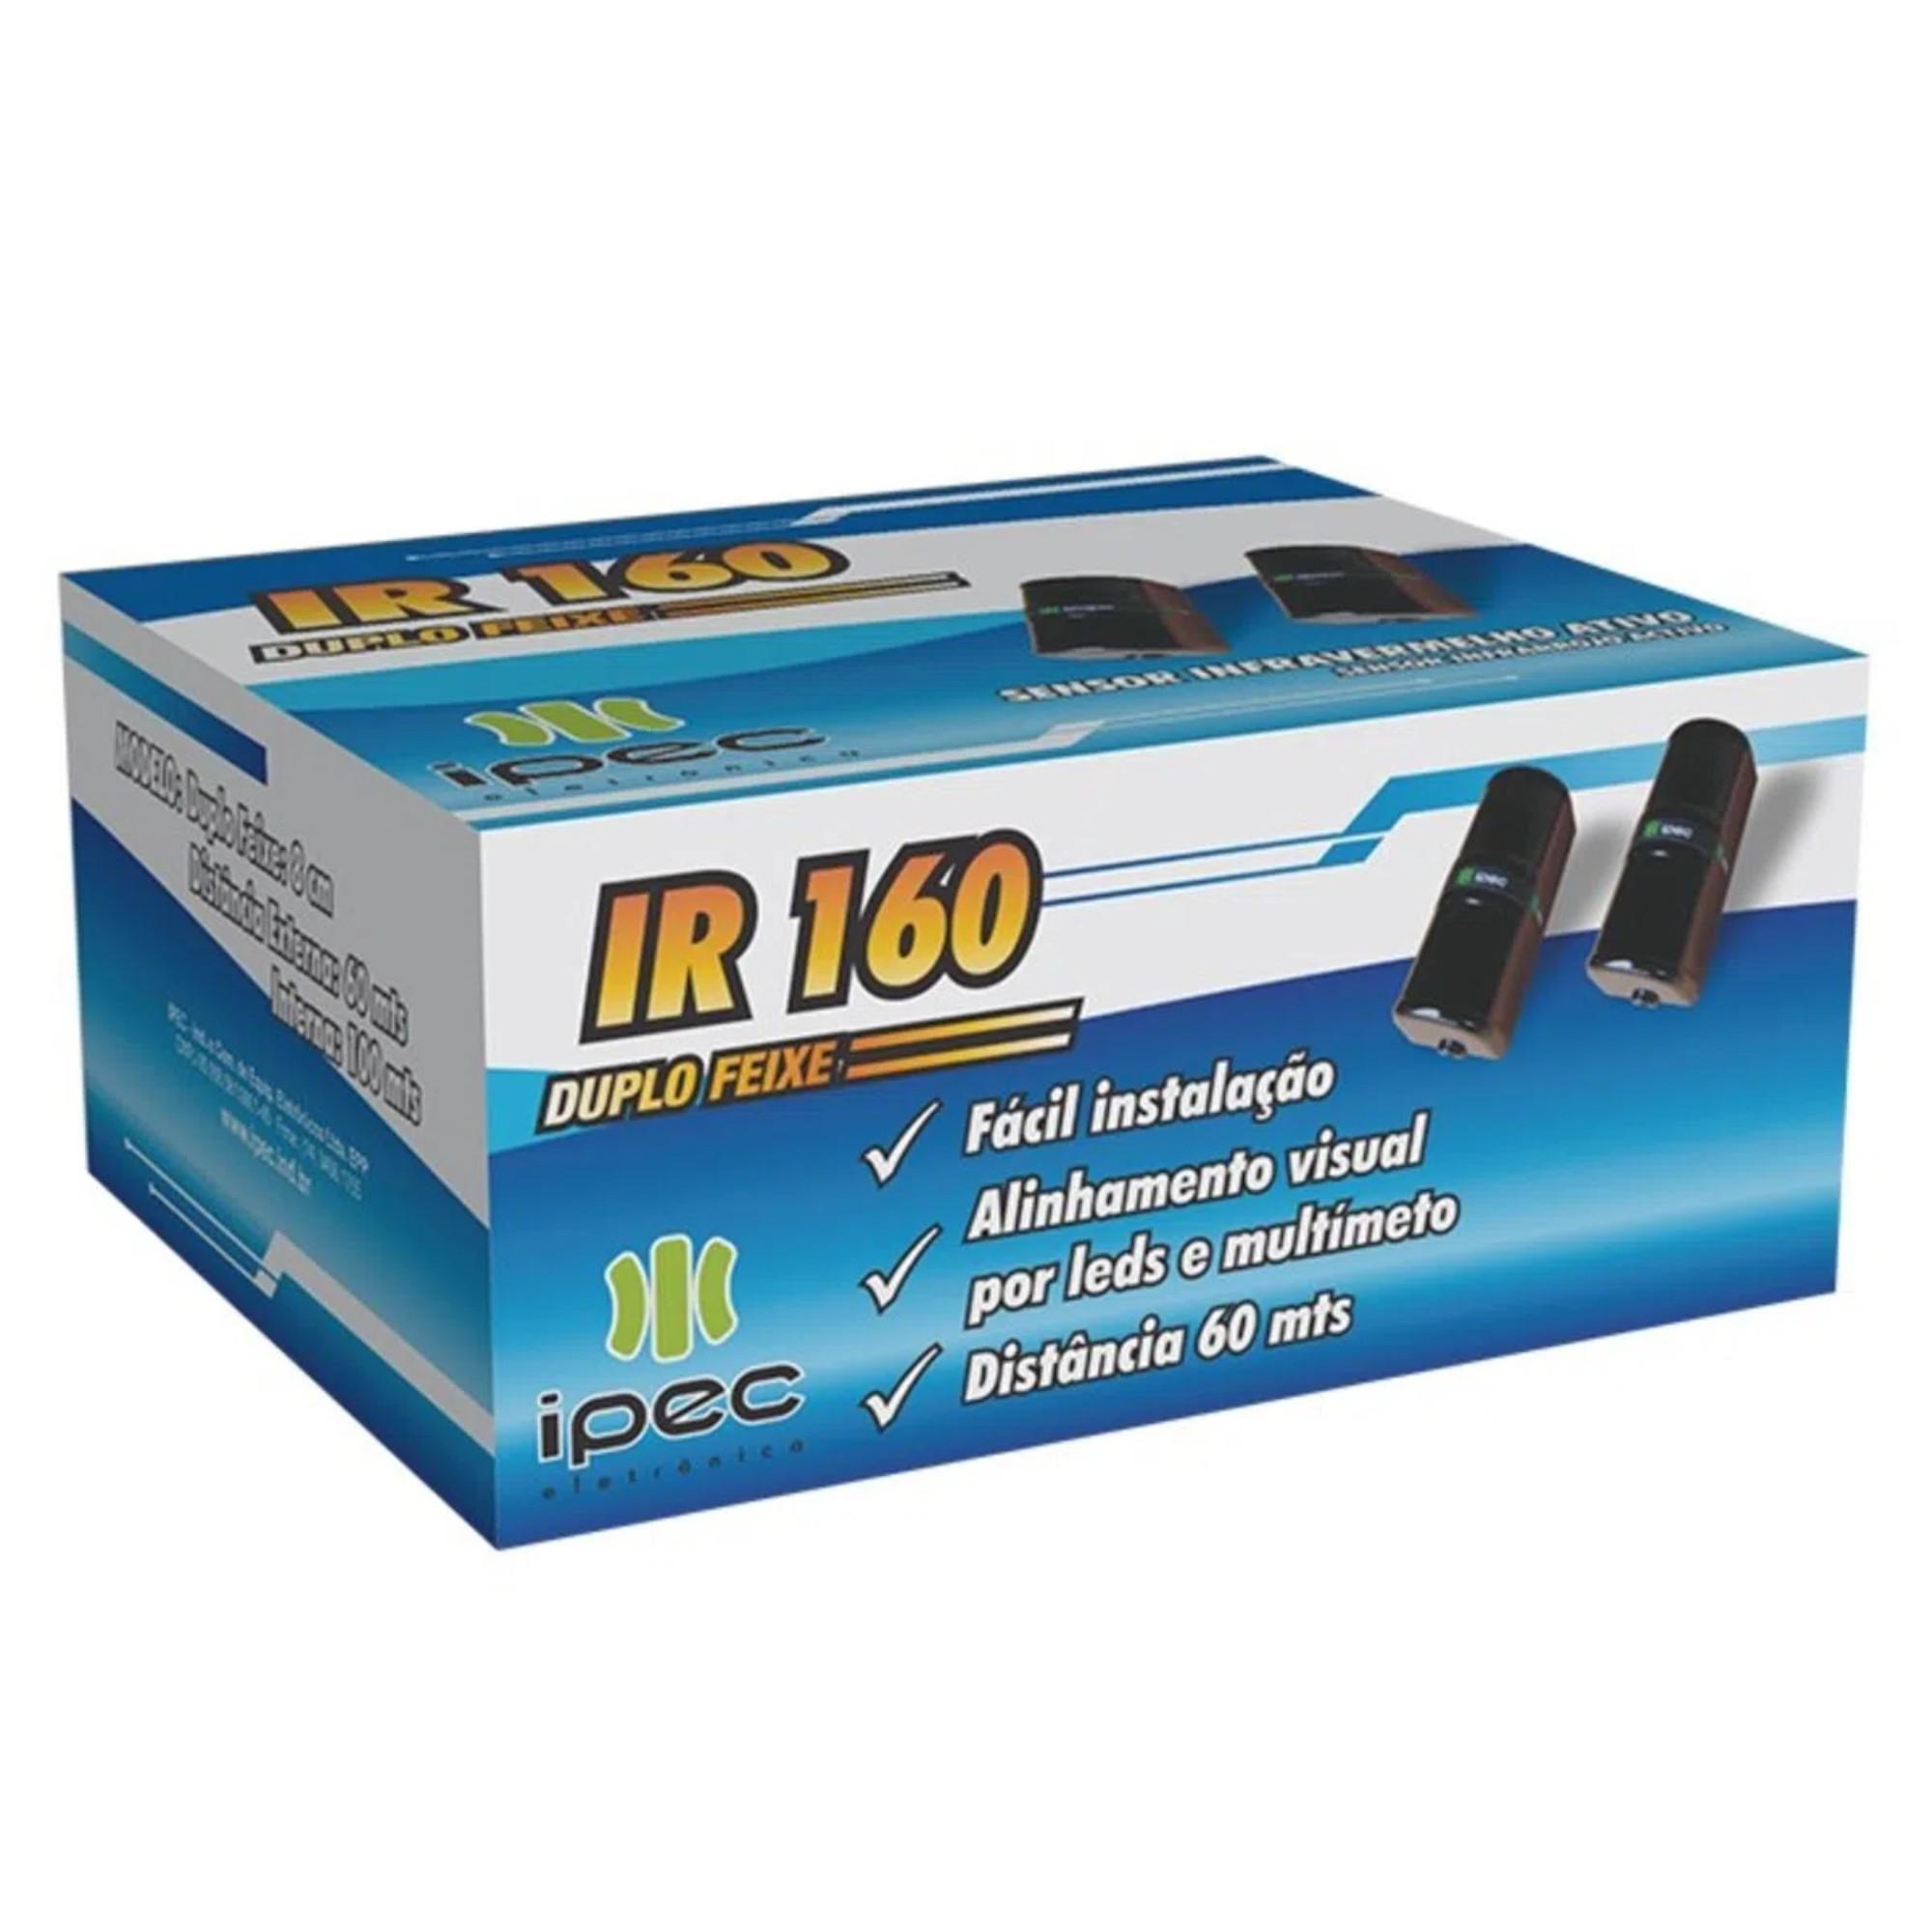 Sensor De Barreira Ativo Ipec Ir 160 Feixe Duplo 60 Metros